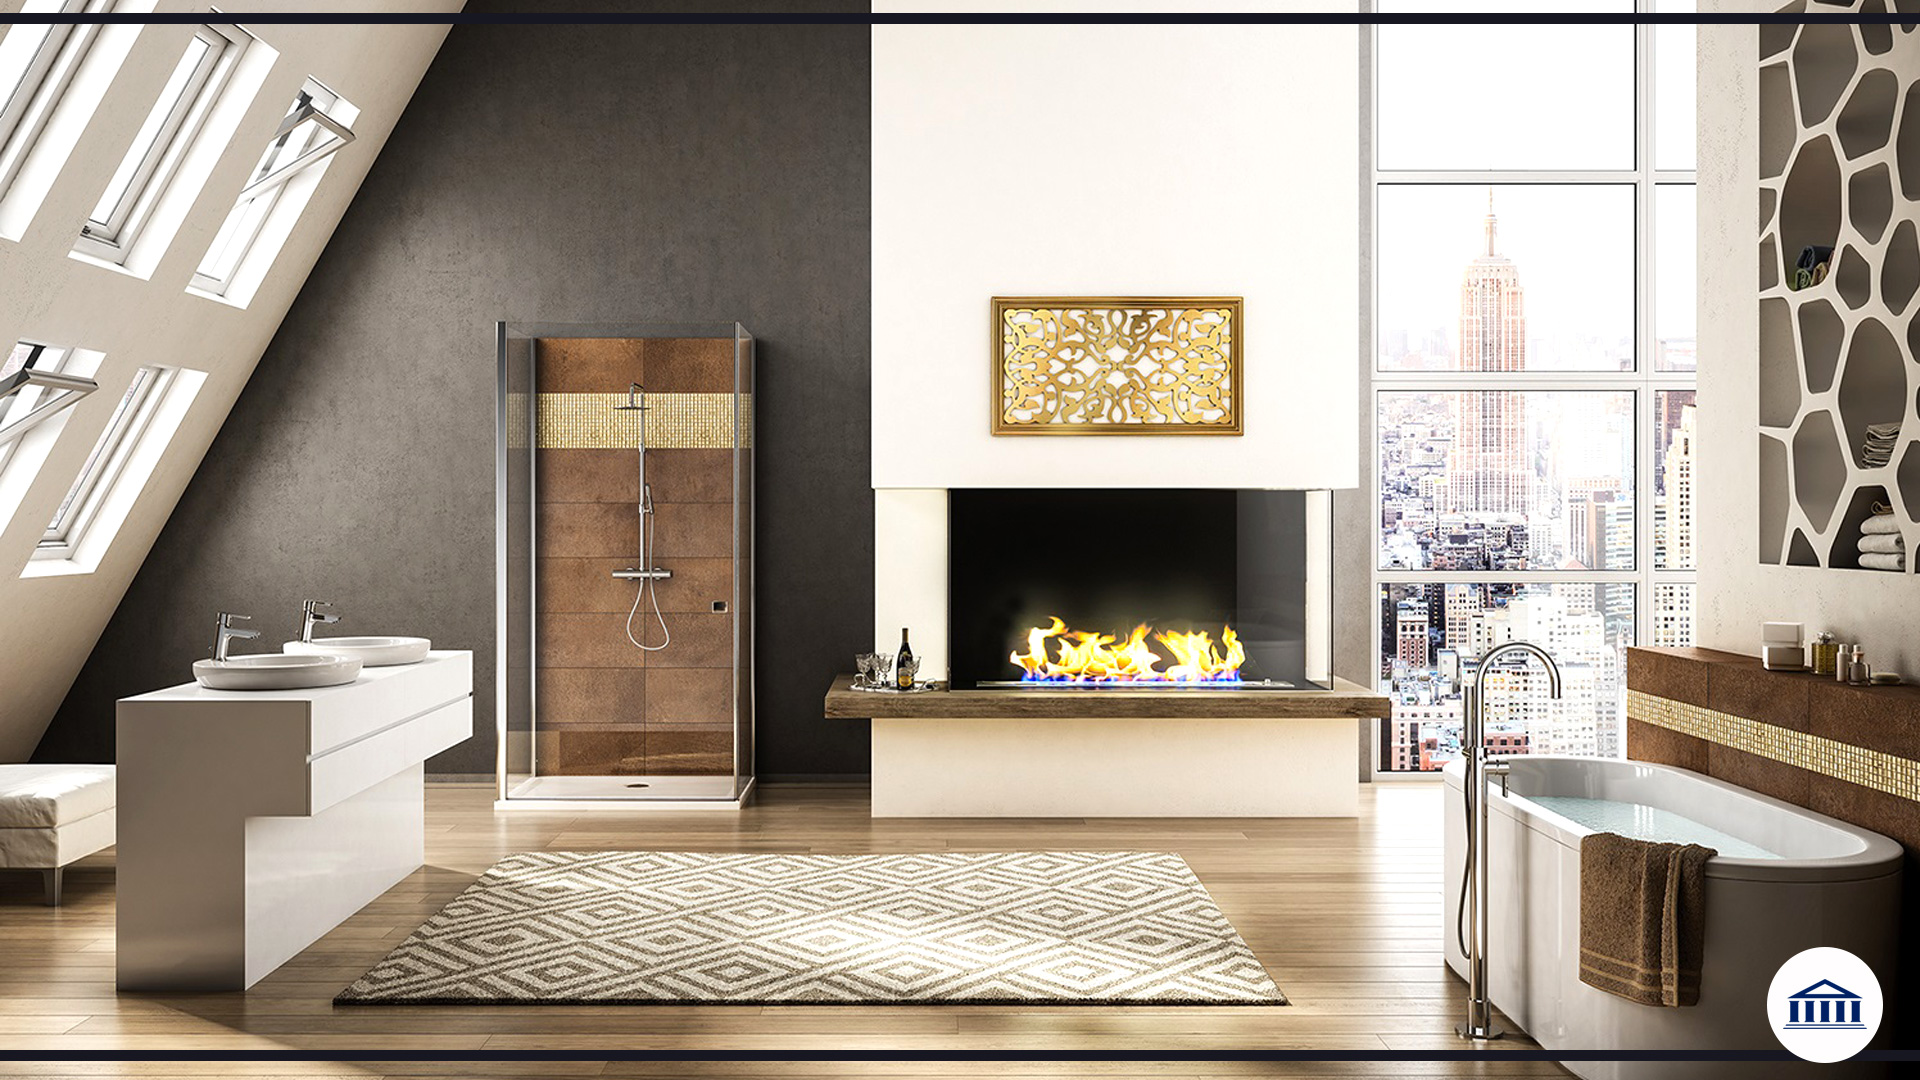 Corso interior design professione accademia for Corso interior design treviso